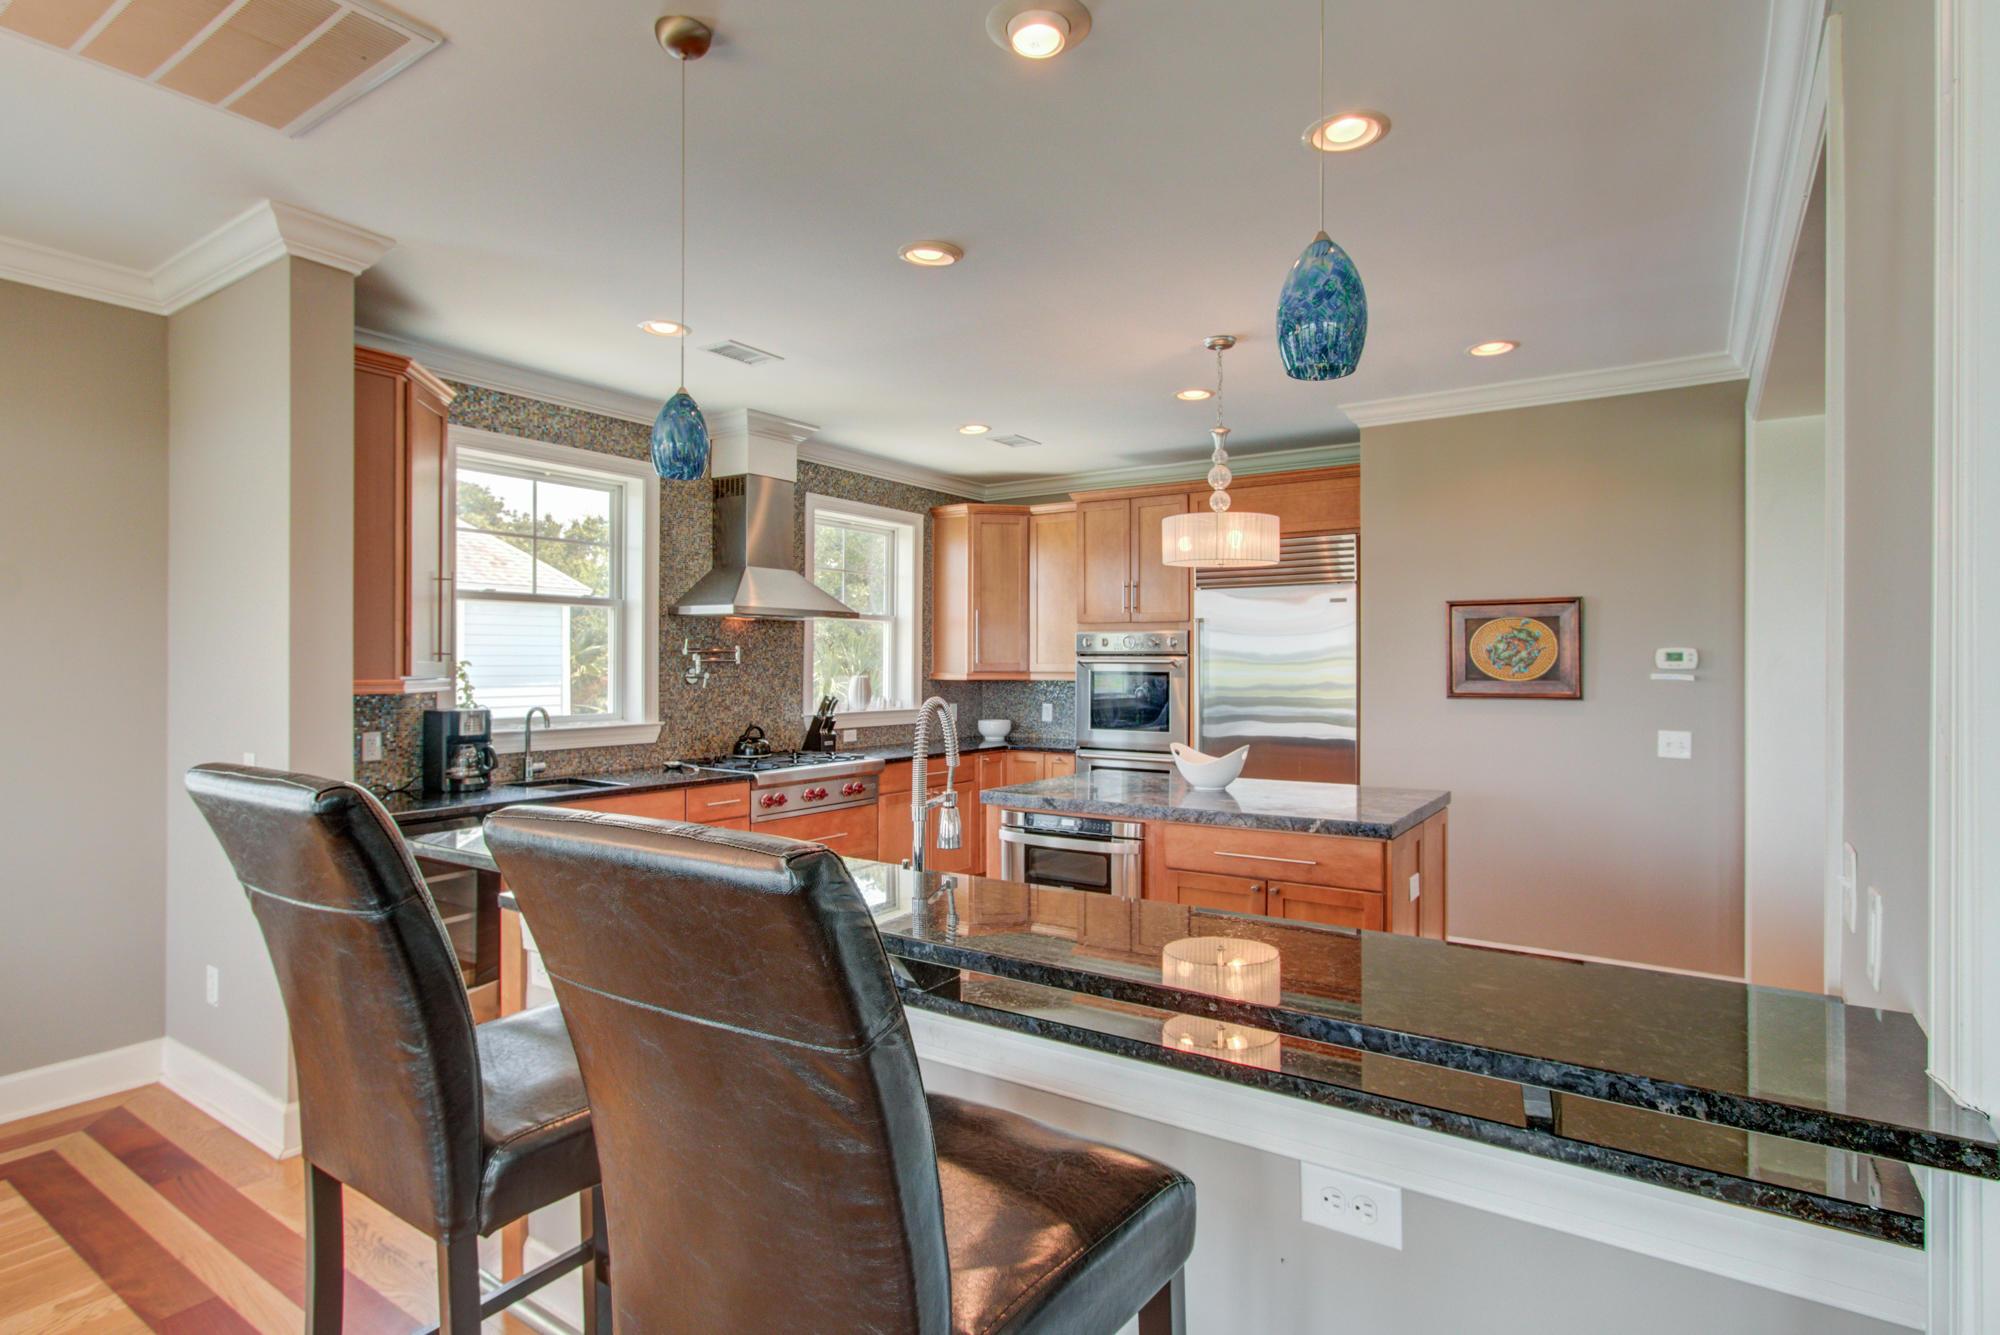 Folly Beach Homes For Sale - 616 Erie, Folly Beach, SC - 49